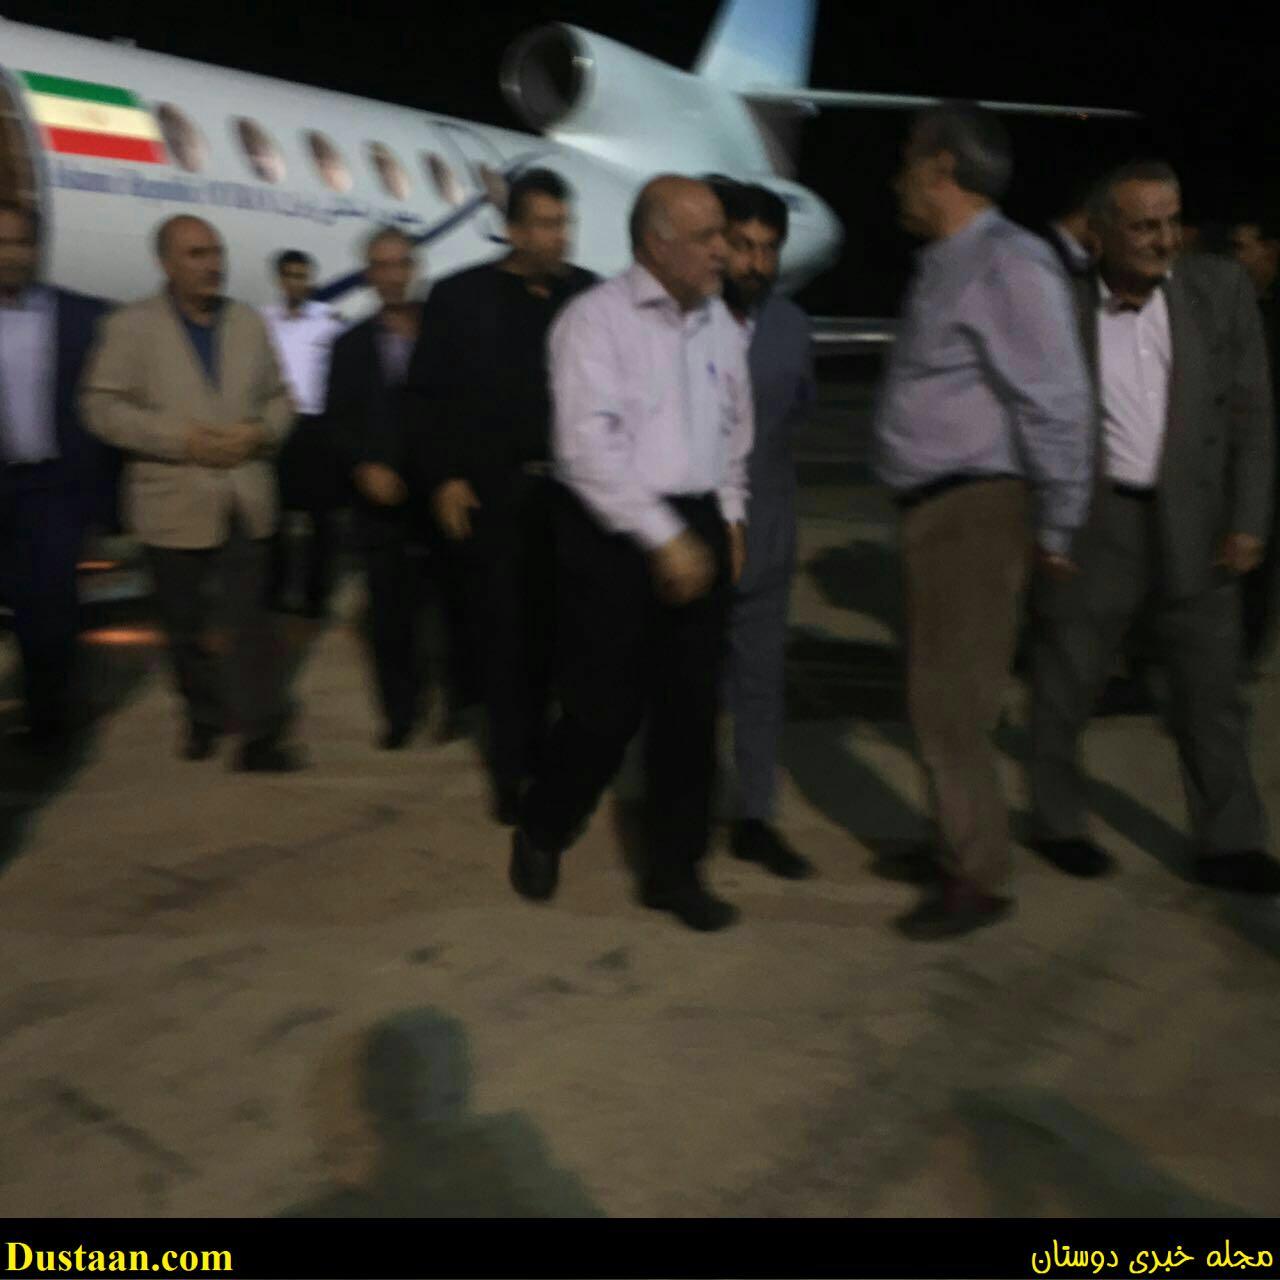 آخمقیه در آتش میسوزد پتروشیمی بوعلی سینا ماهشهر همچنان در اتش میسوزد +تصاویر ...